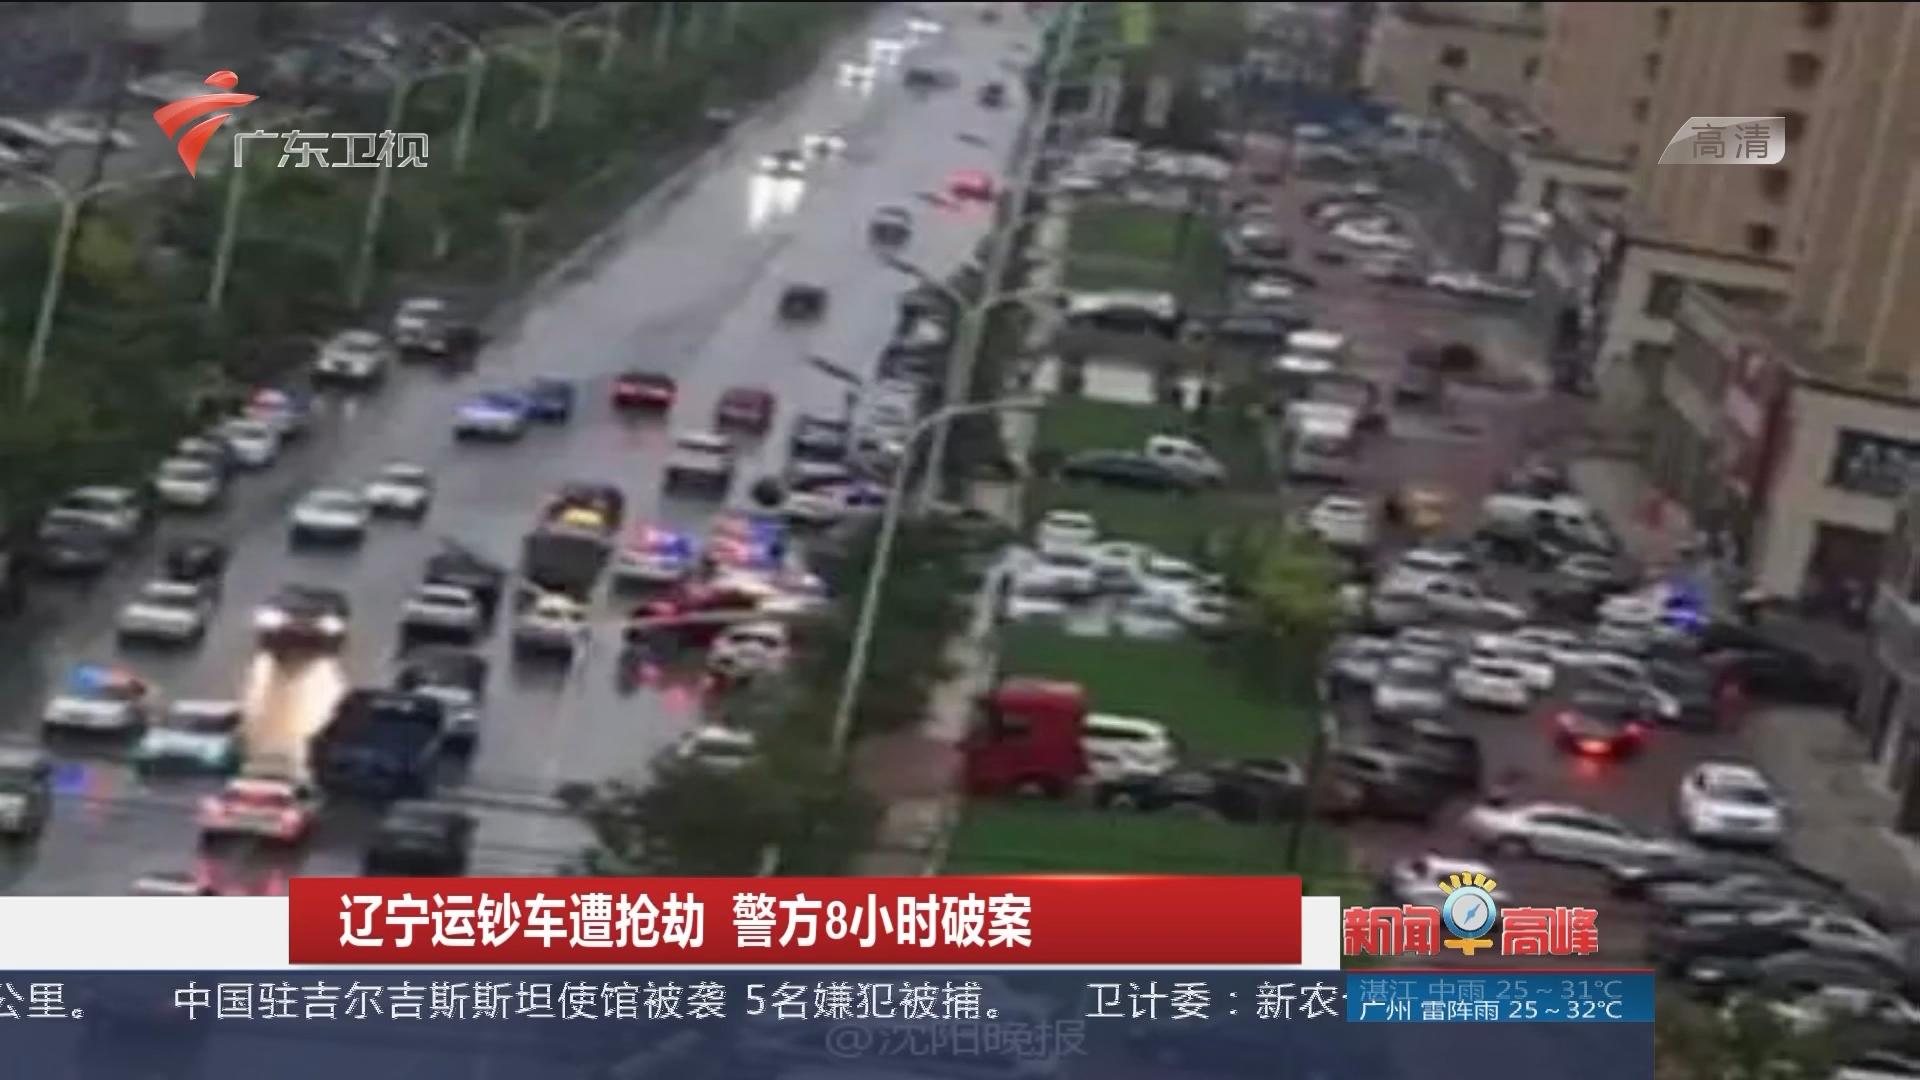 辽宁运钞车遭抢劫 警方8小时破案